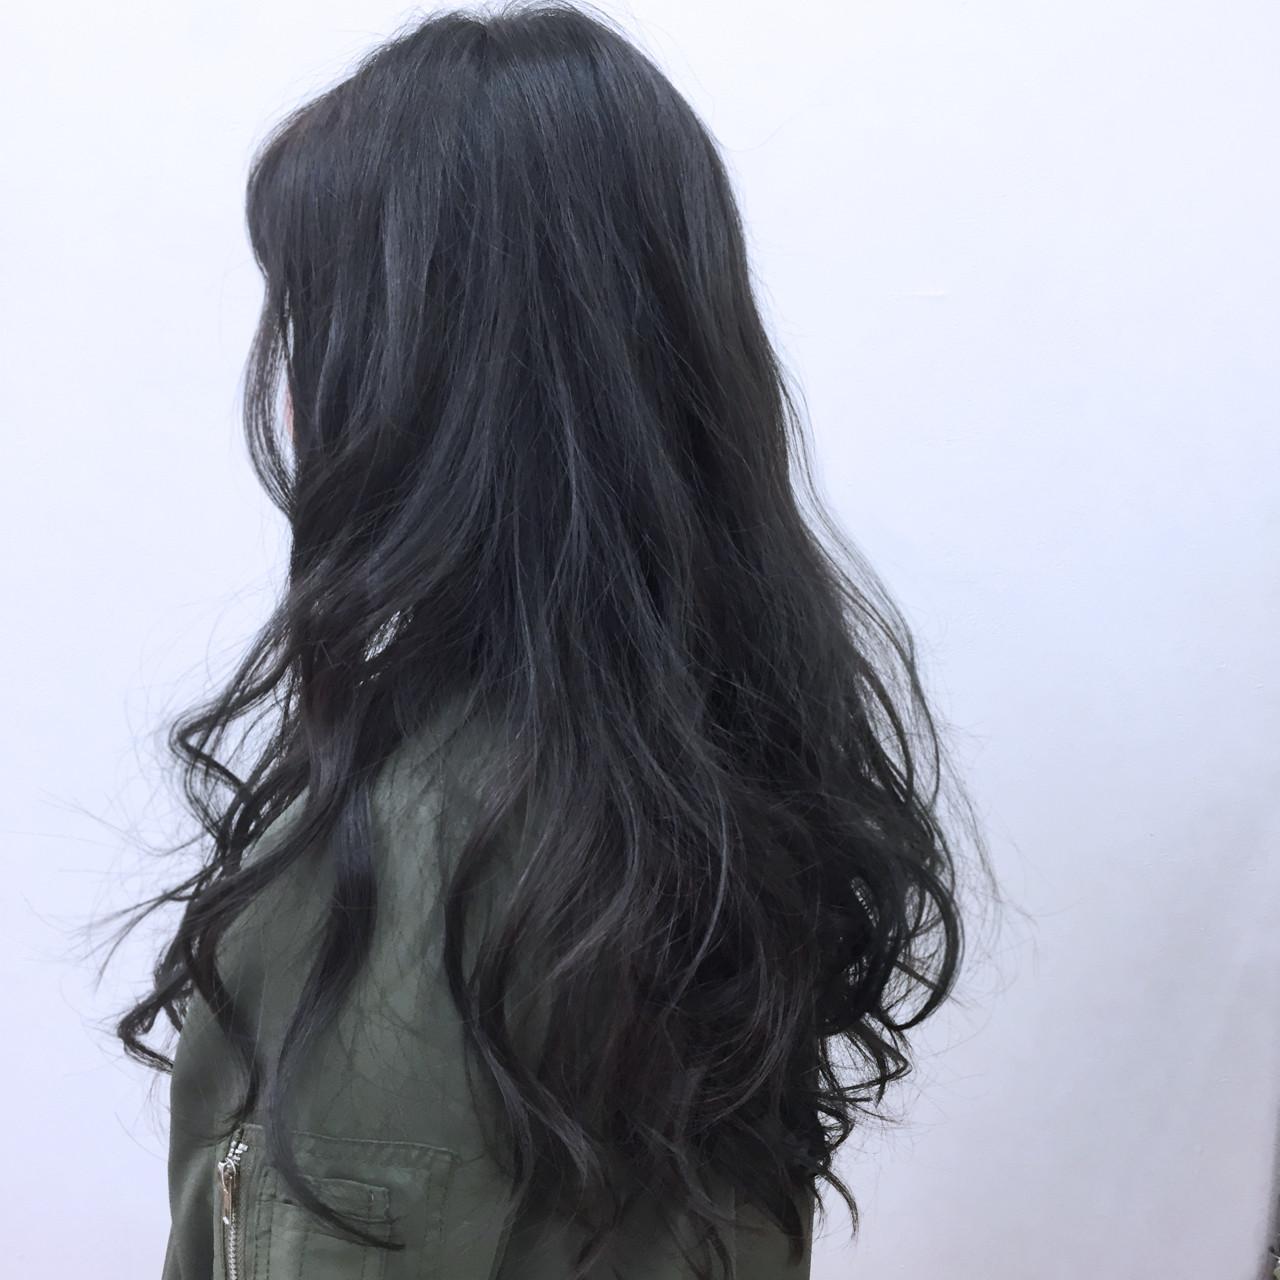 ストレート ブルーブラック ガーリー ロング ヘアスタイルや髪型の写真・画像